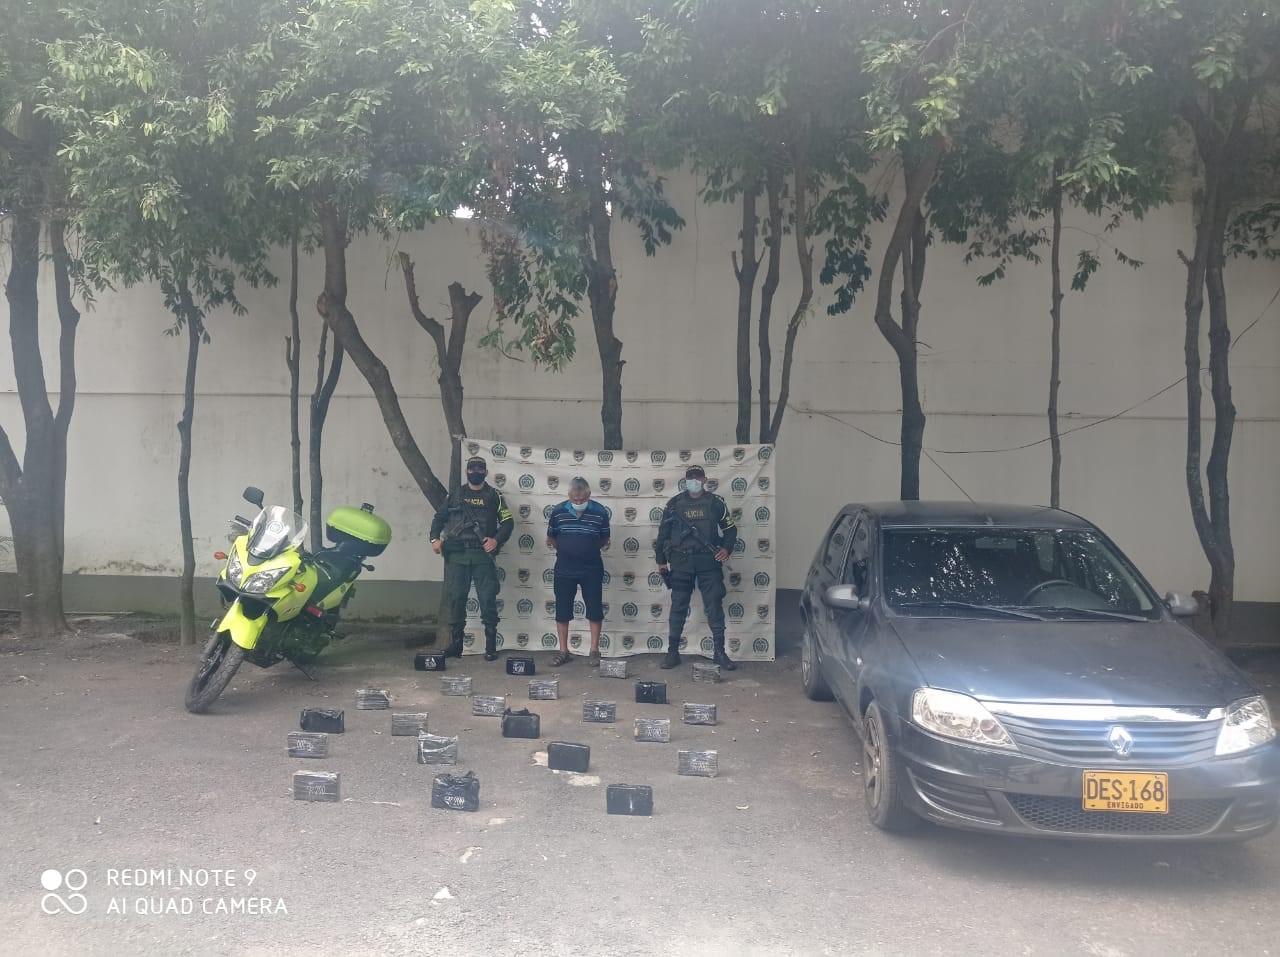 https://www.notasrosas.com/En la vía Sardinata - Aguachica, Policía Cesar incauta 22 kilos de cocaína